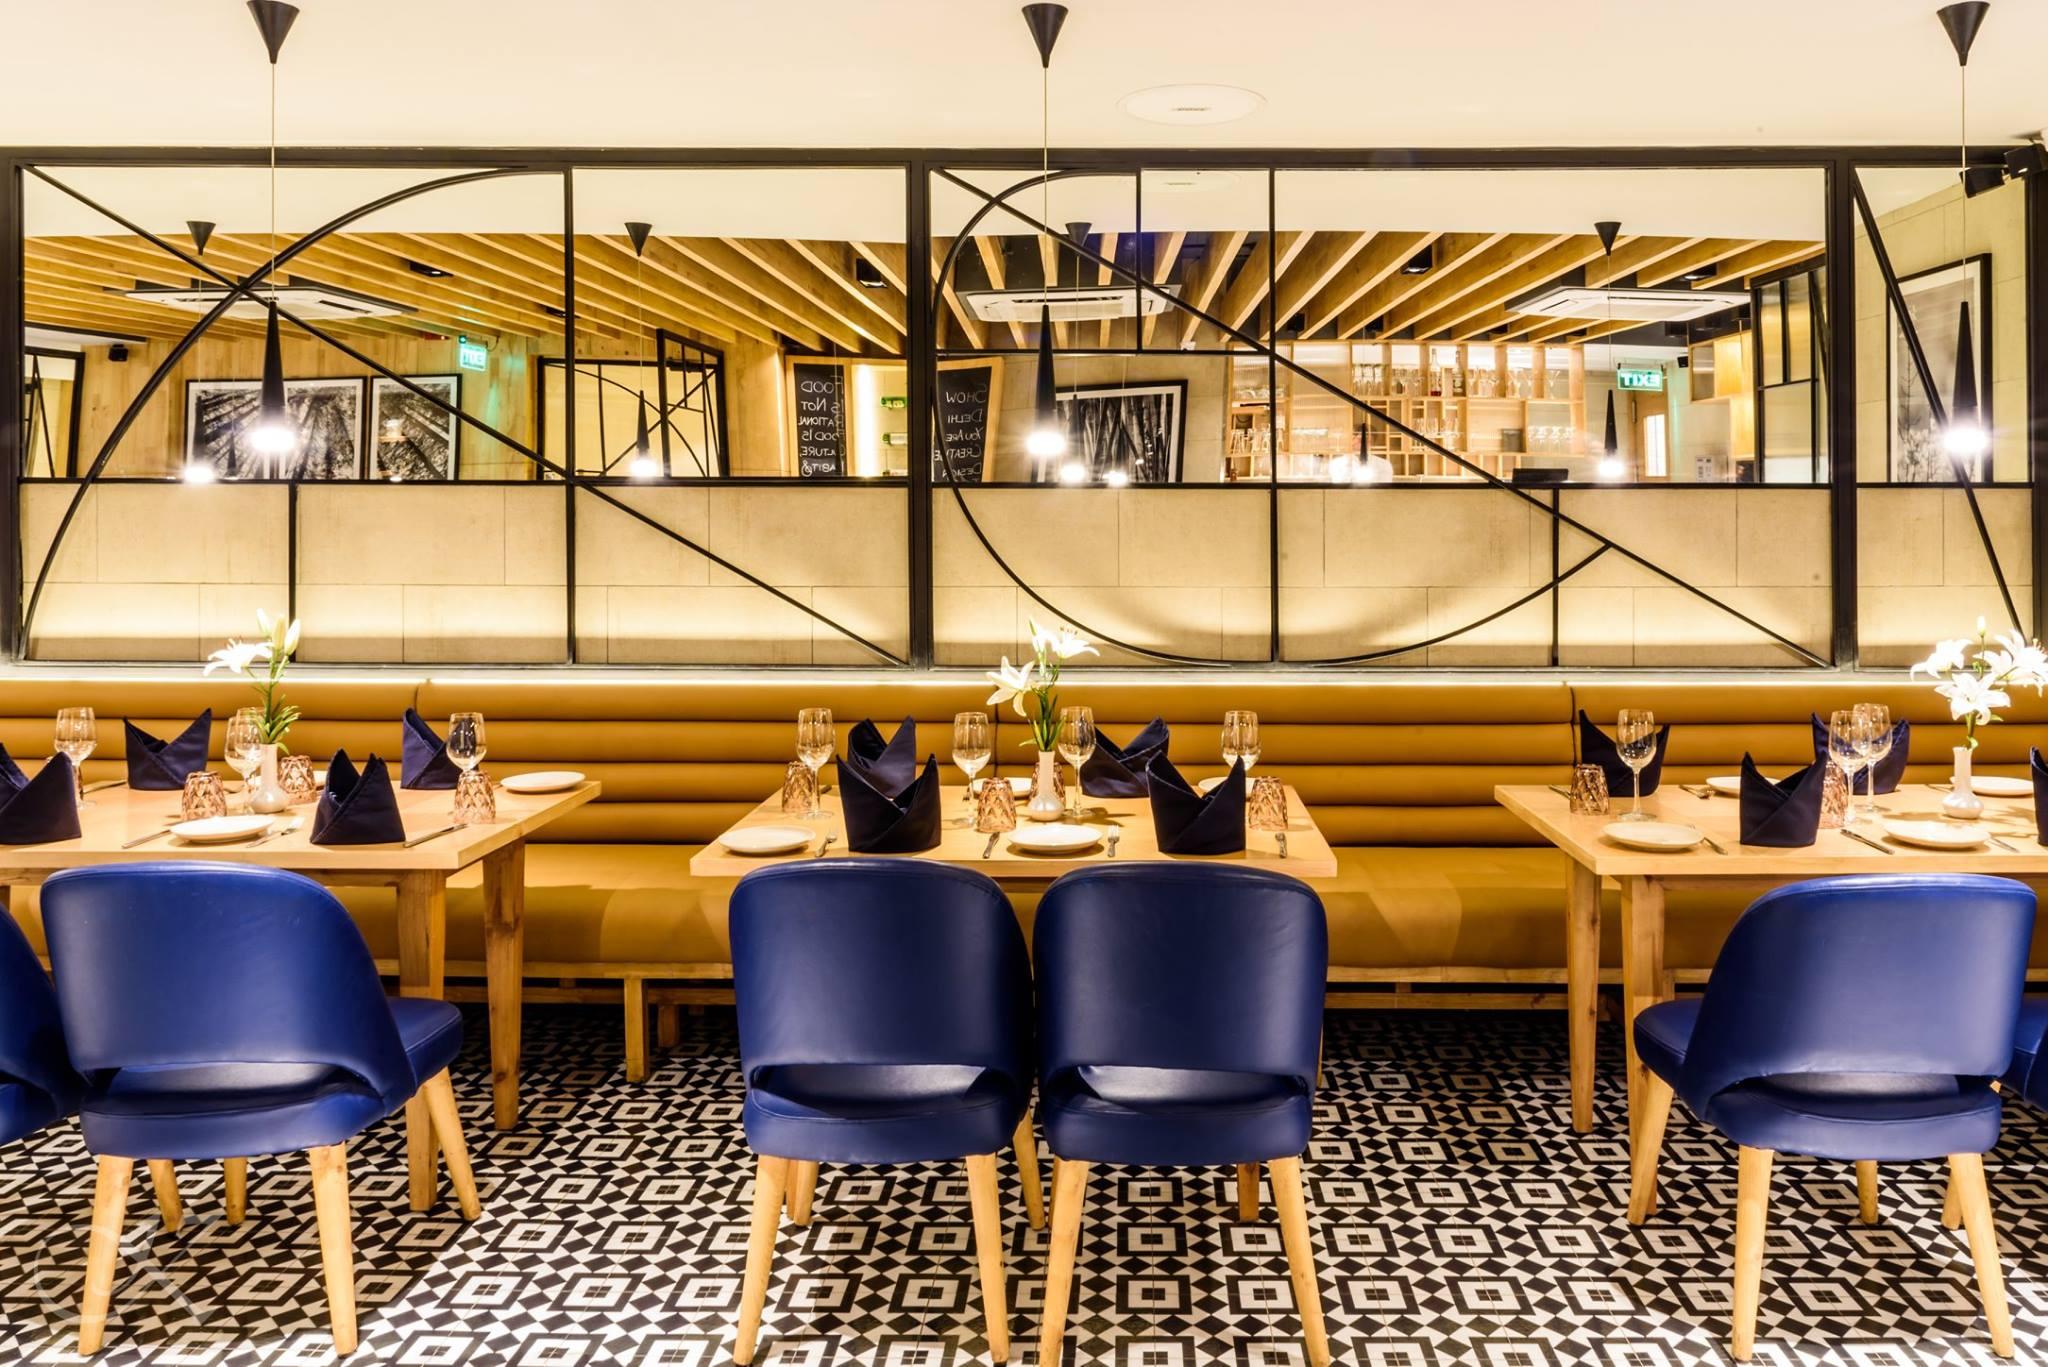 Top restaurant interior design in india the